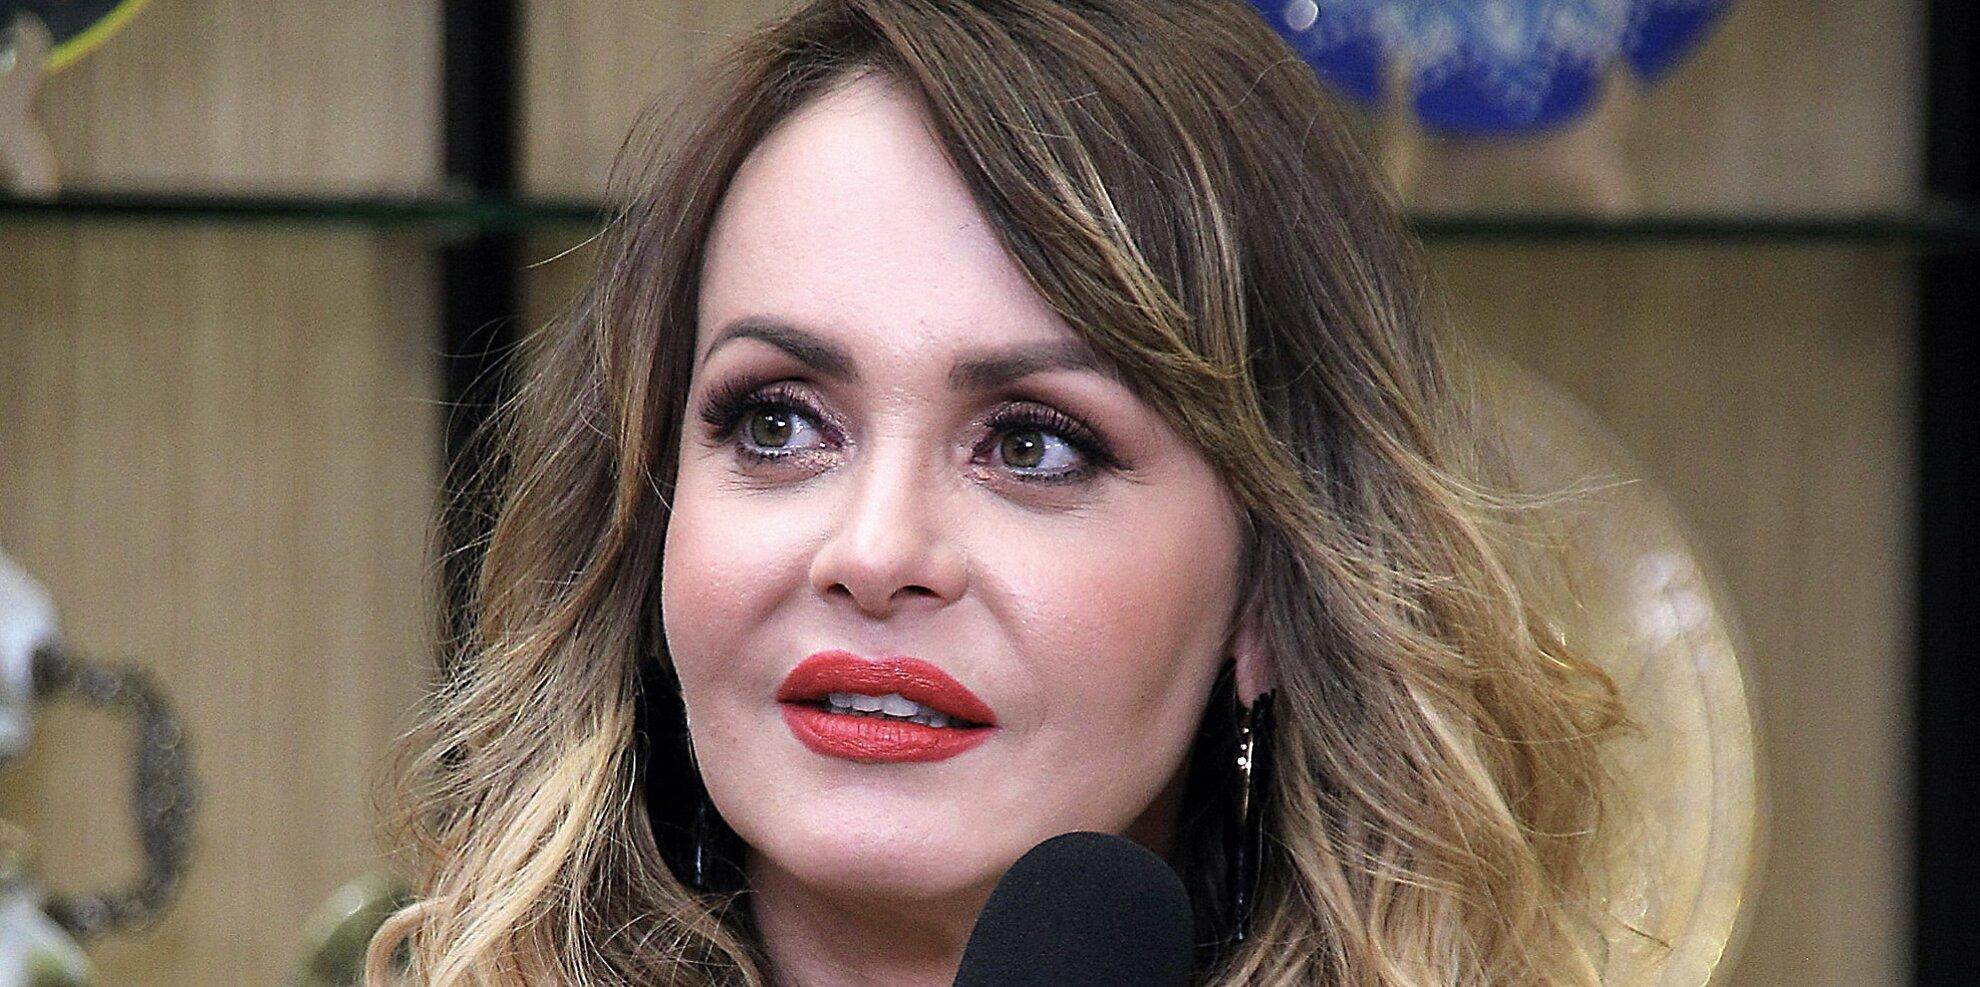 Sale a la luz 'privilegio' que negoció Gaby Spanic para entrar a La casa de los famosos